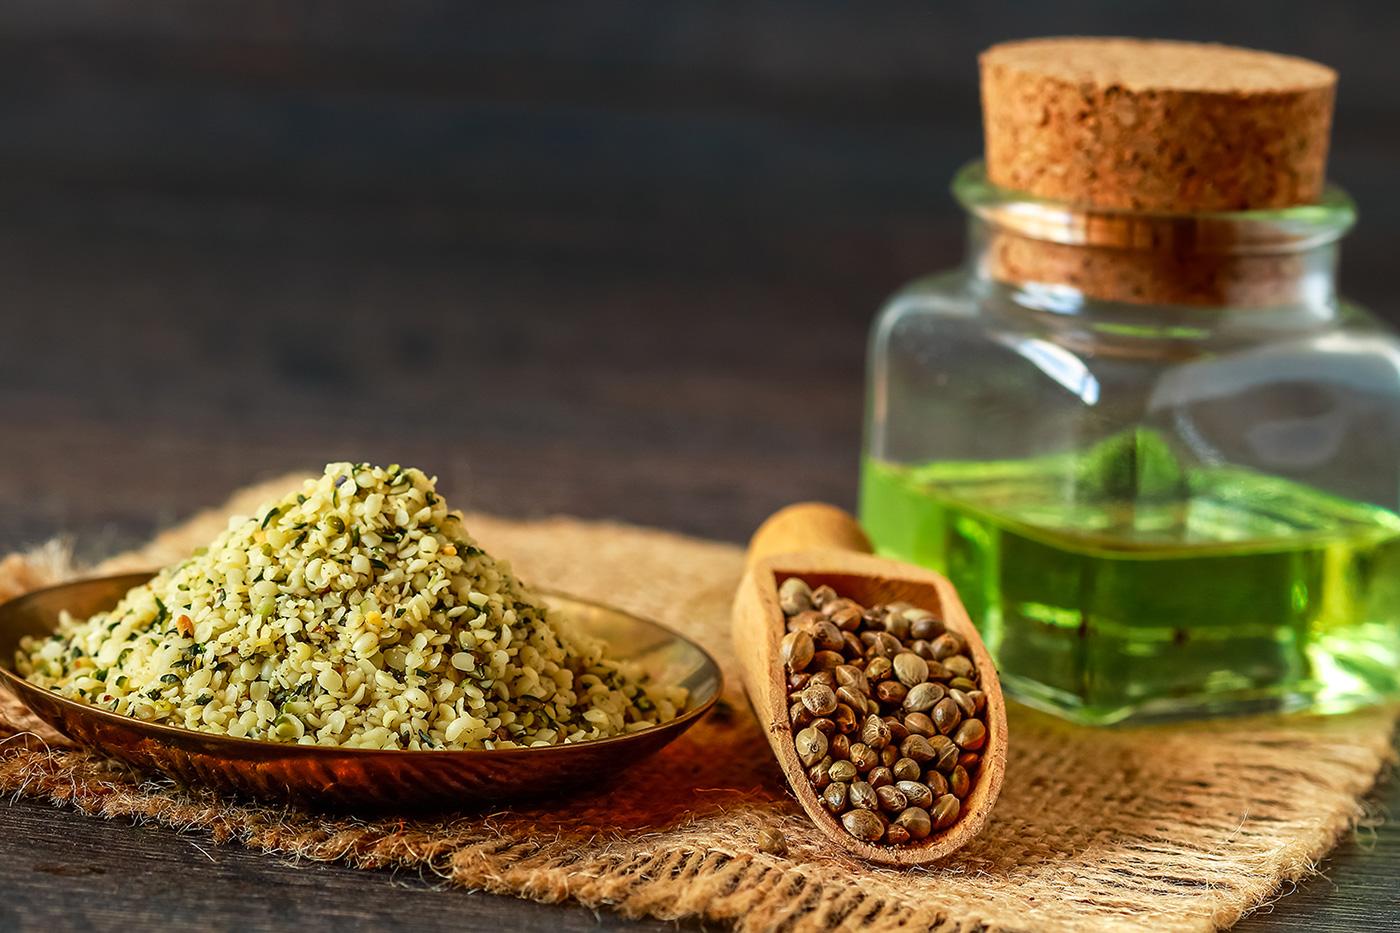 benefici dell'olio di semi di canapa